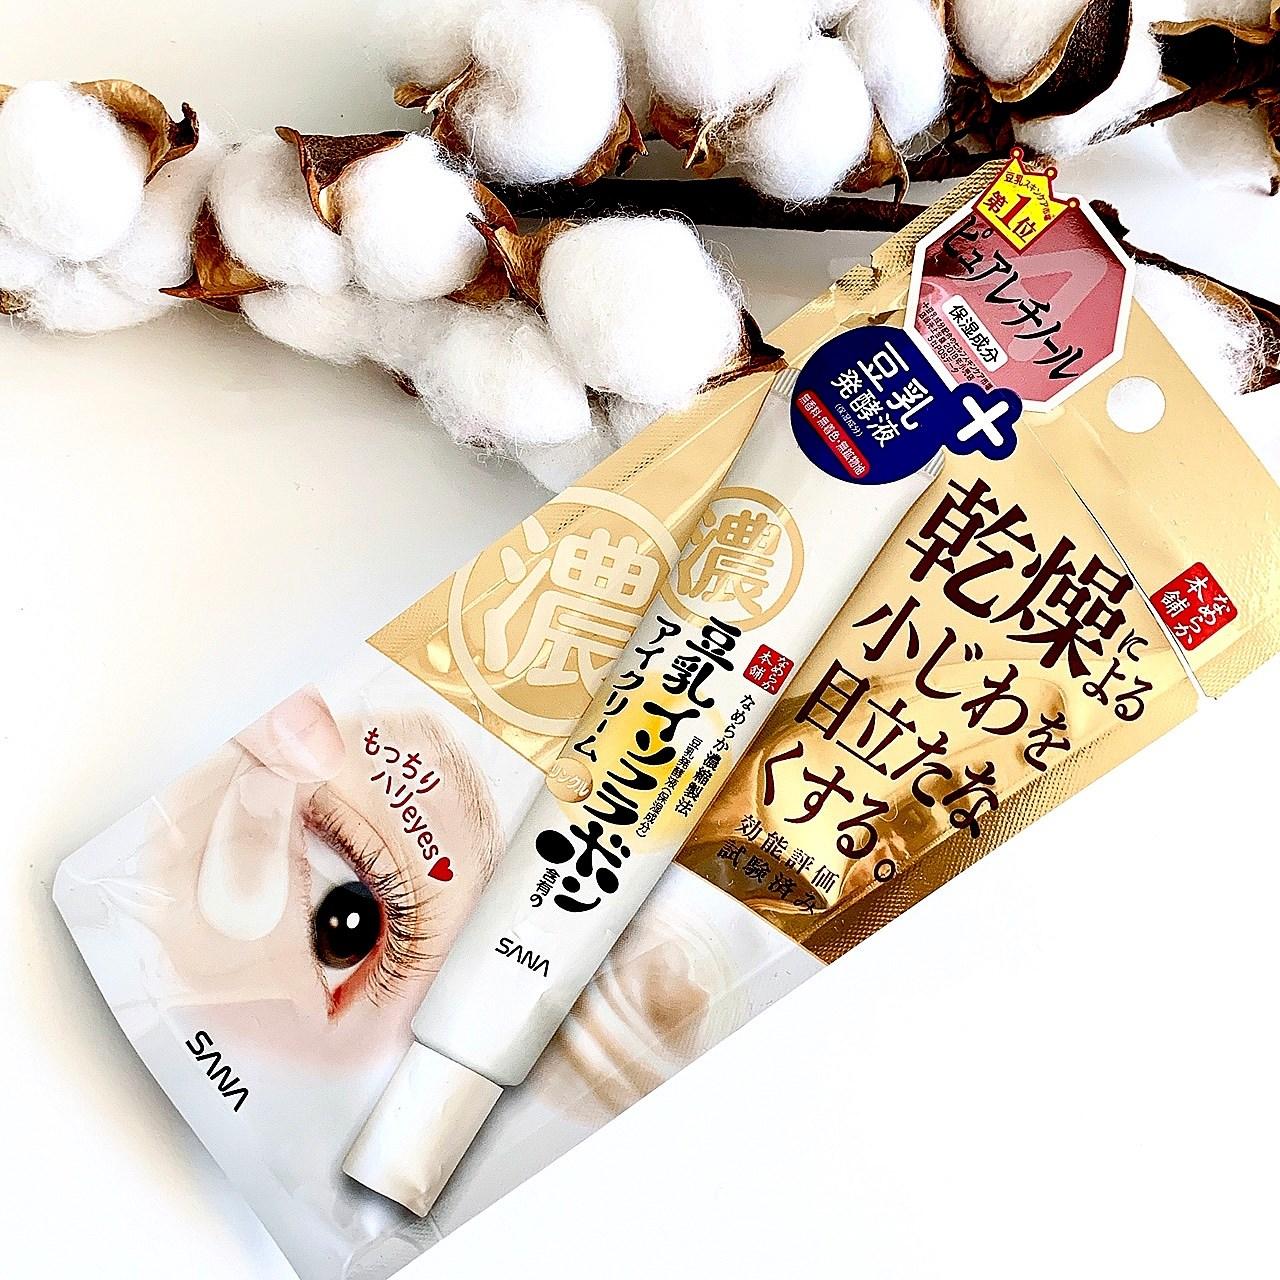 Sana Nameraka Honopo Wrinkle Eye Cream opinie